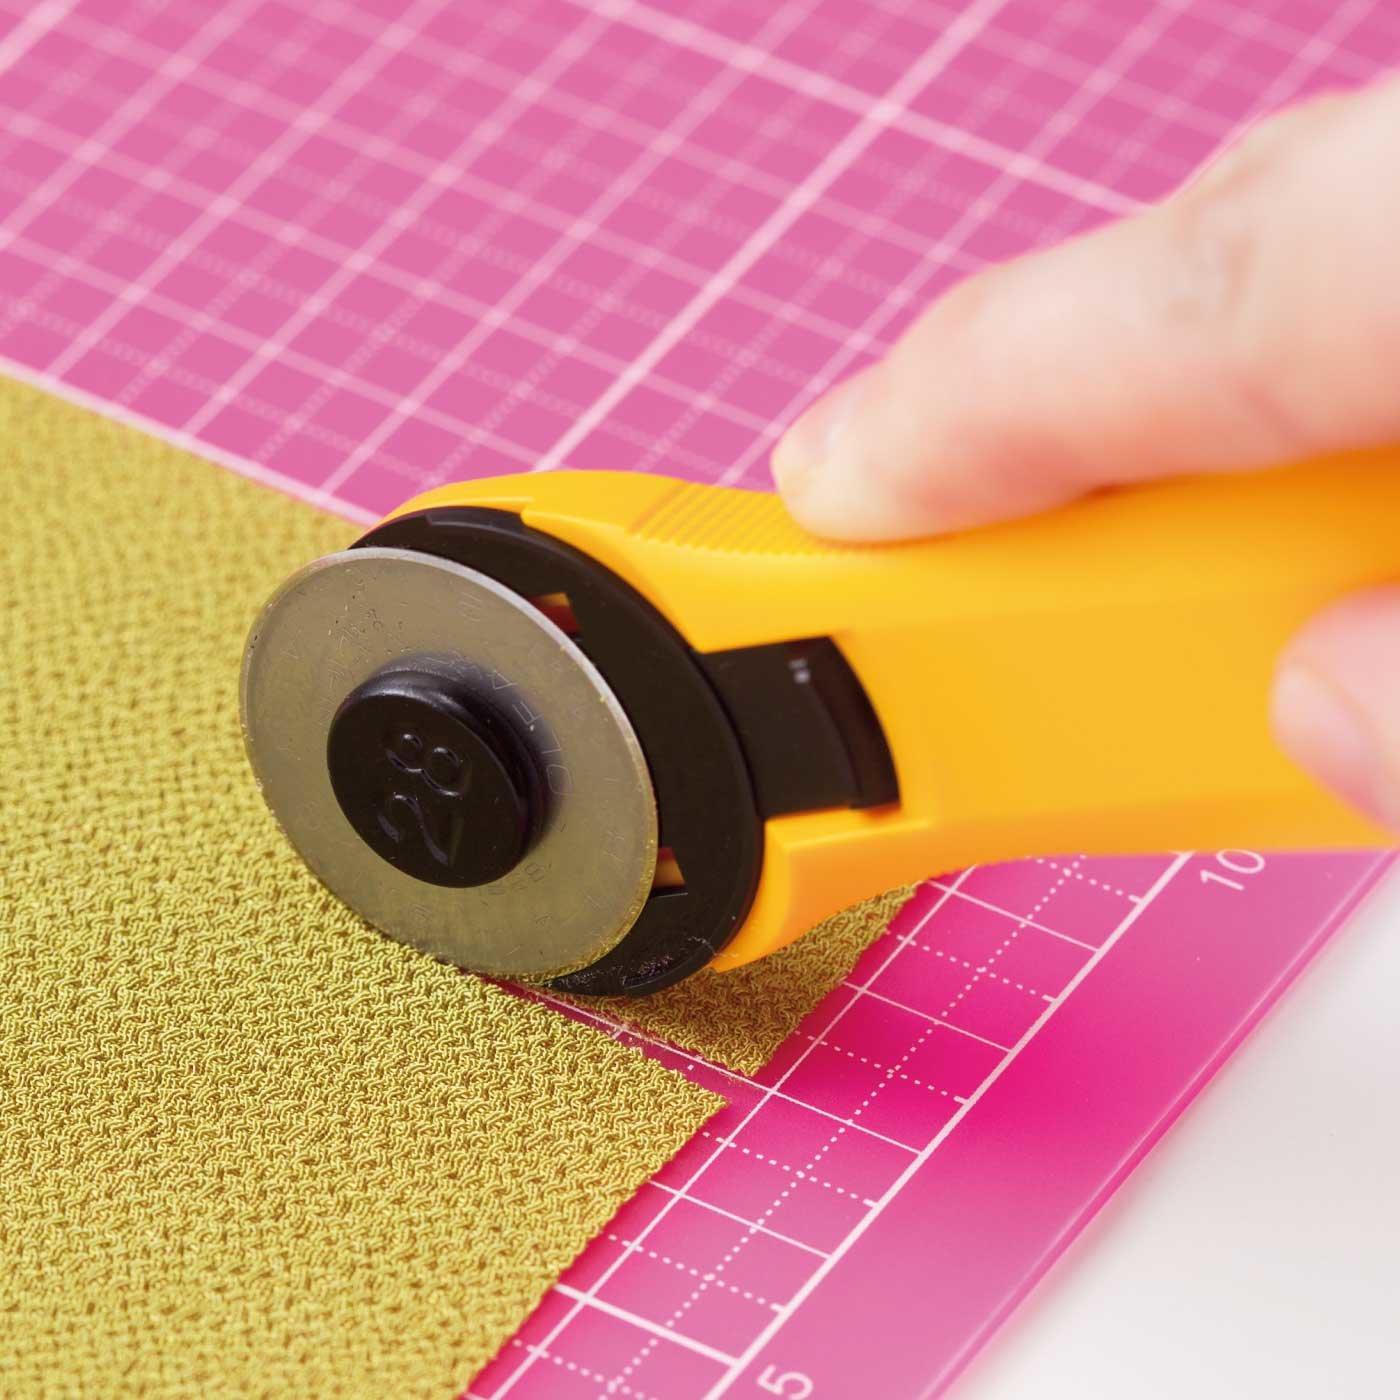 やわらかい布もすいすいカット! ロータリーカッター&カッターマット(5mm方眼)